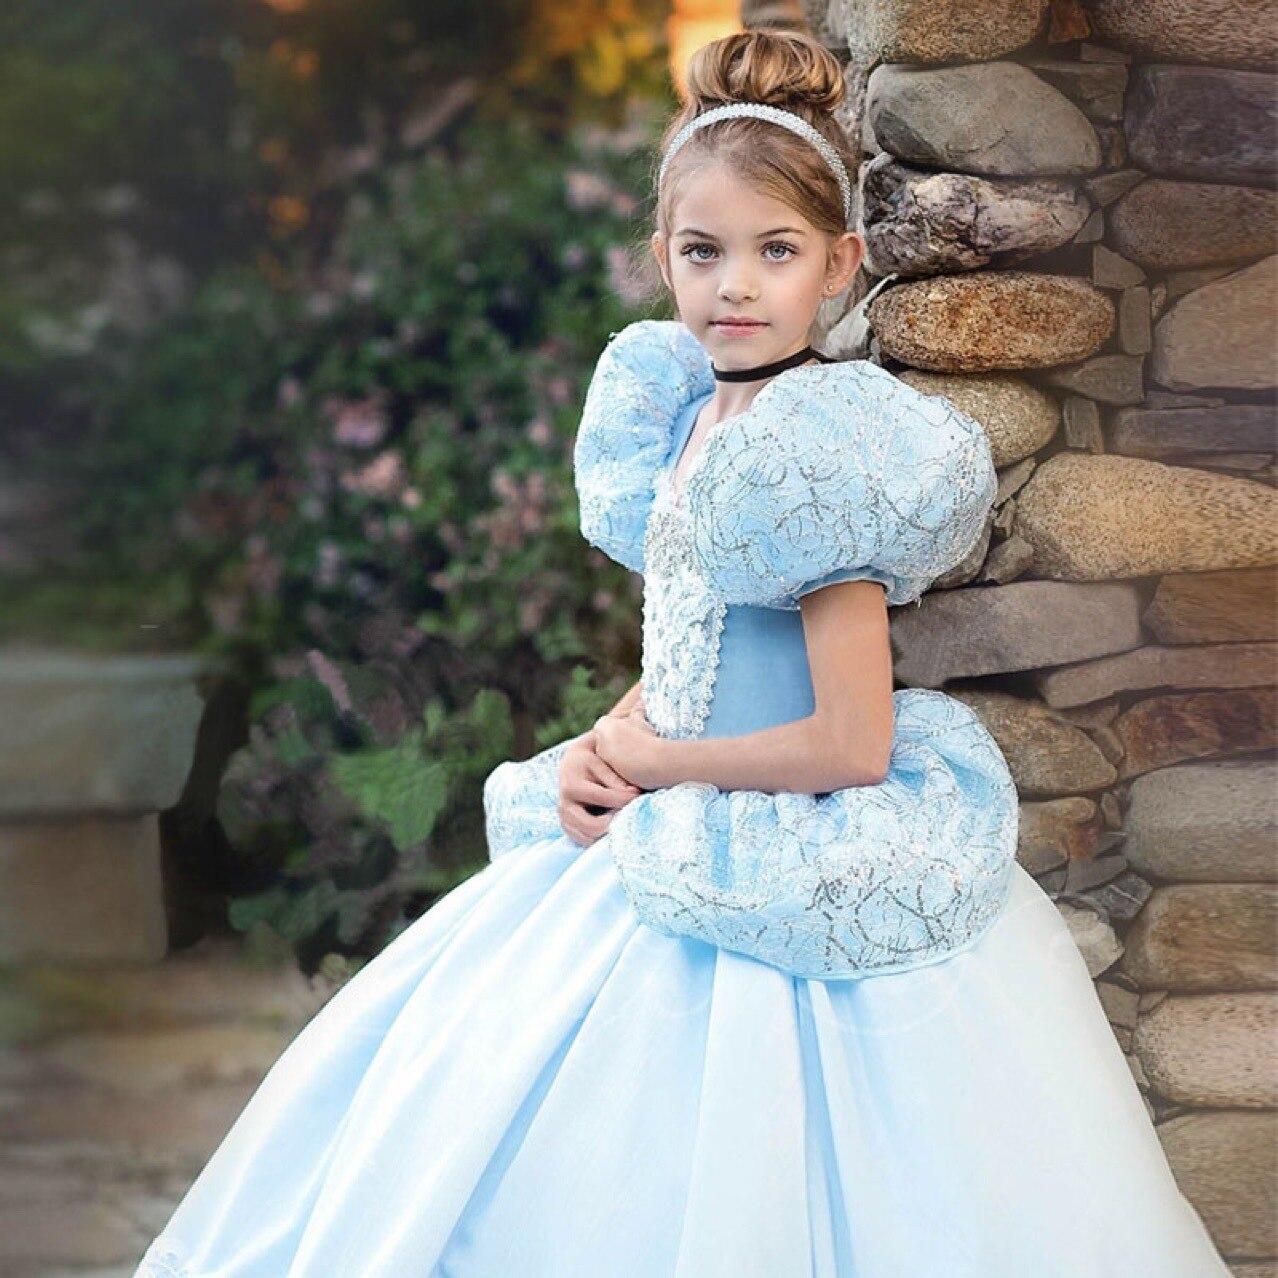 Mother & Kids Summer Girl Cinderella Princess Dress Kids Short Halloween Performance Costume 2019 New Children Party Blue Evening Formal Dress